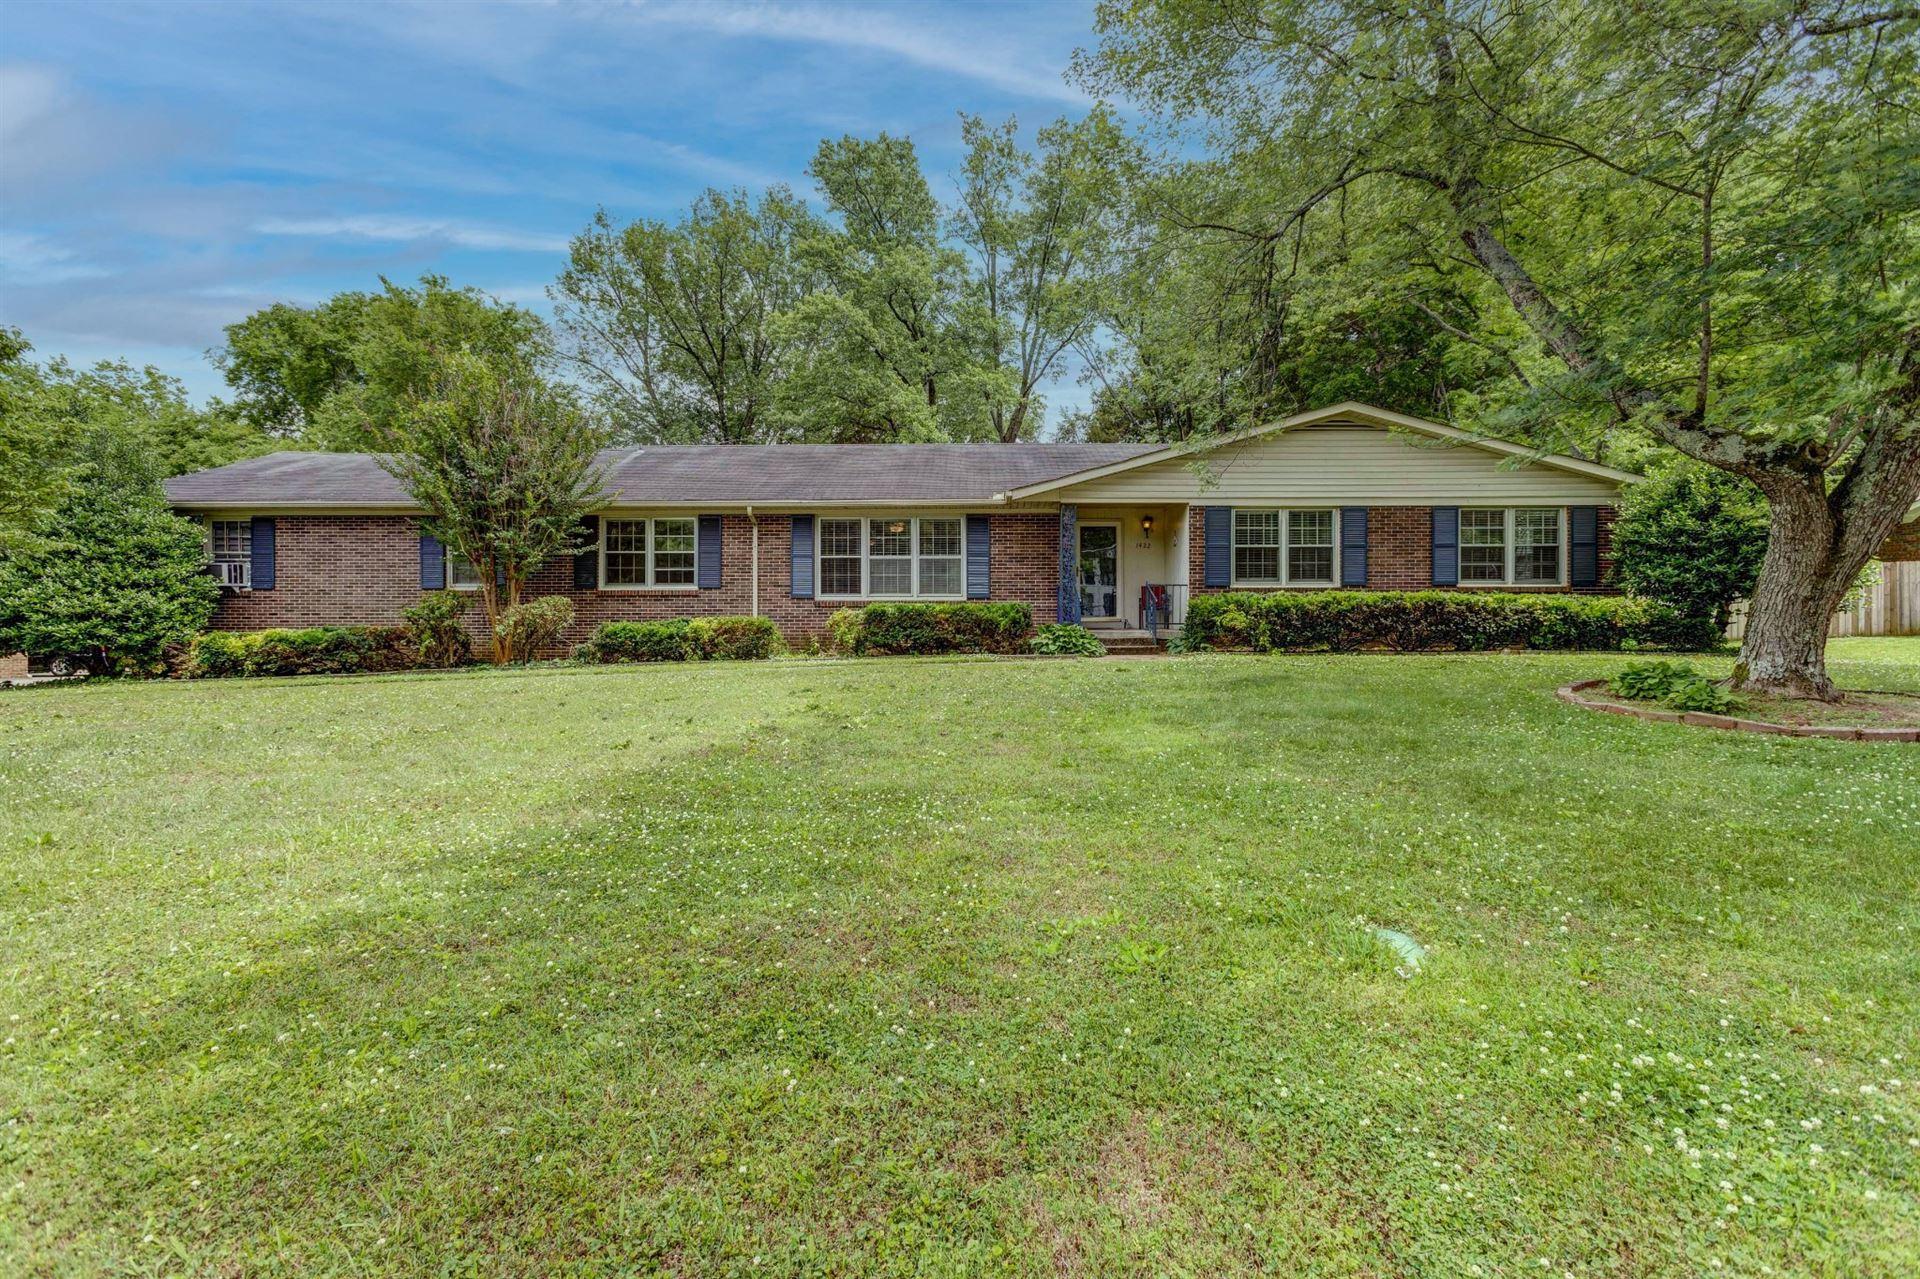 1422 Parklawn Dr, Murfreesboro, TN 37130 - MLS#: 2260279